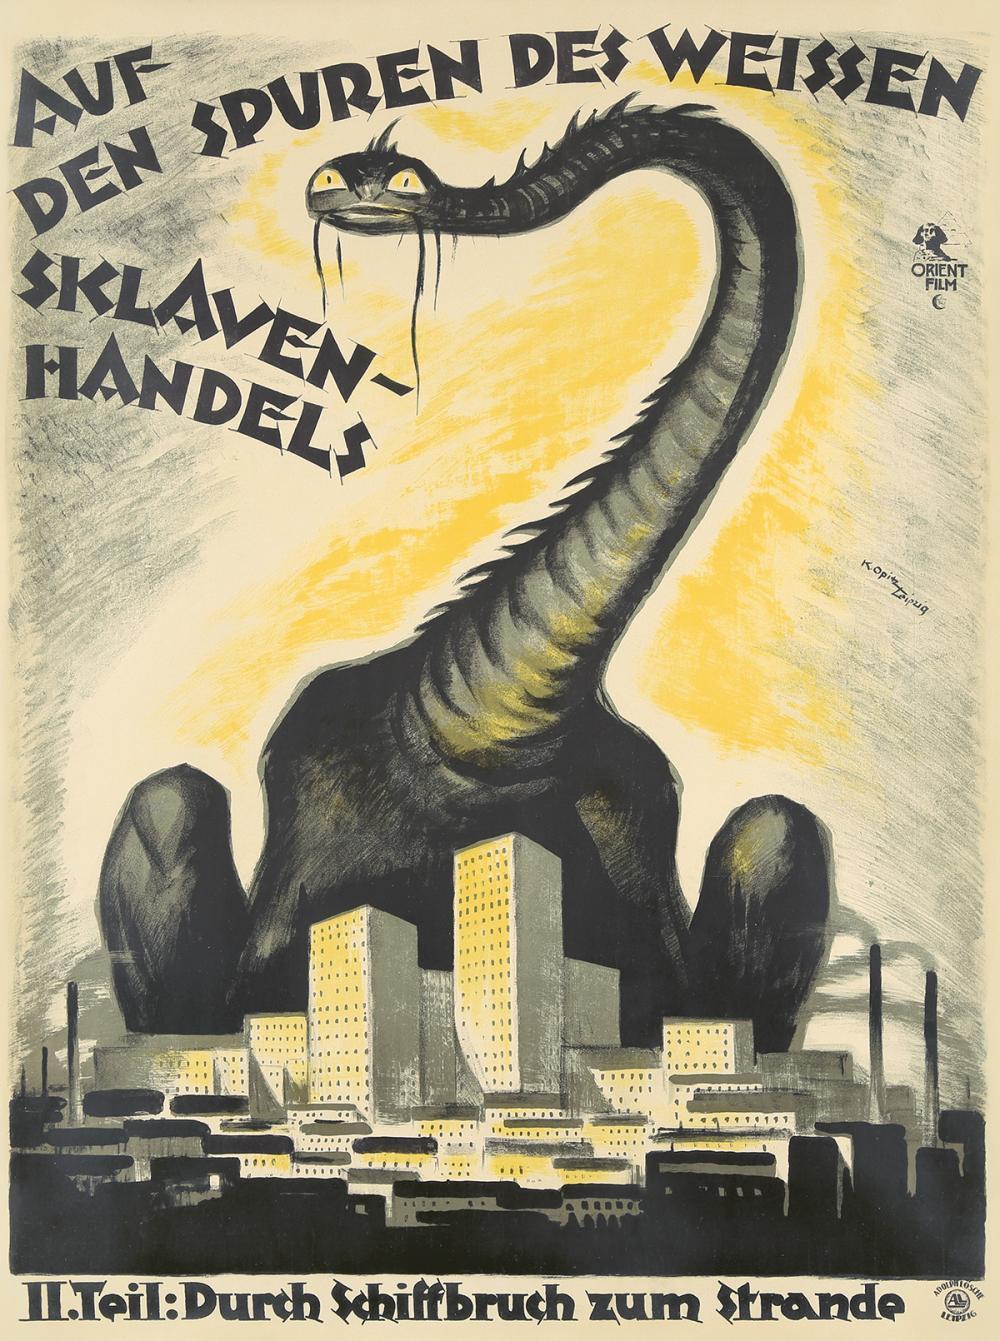 Auf den Spuren des weissen Sklavenhandels. 1922.